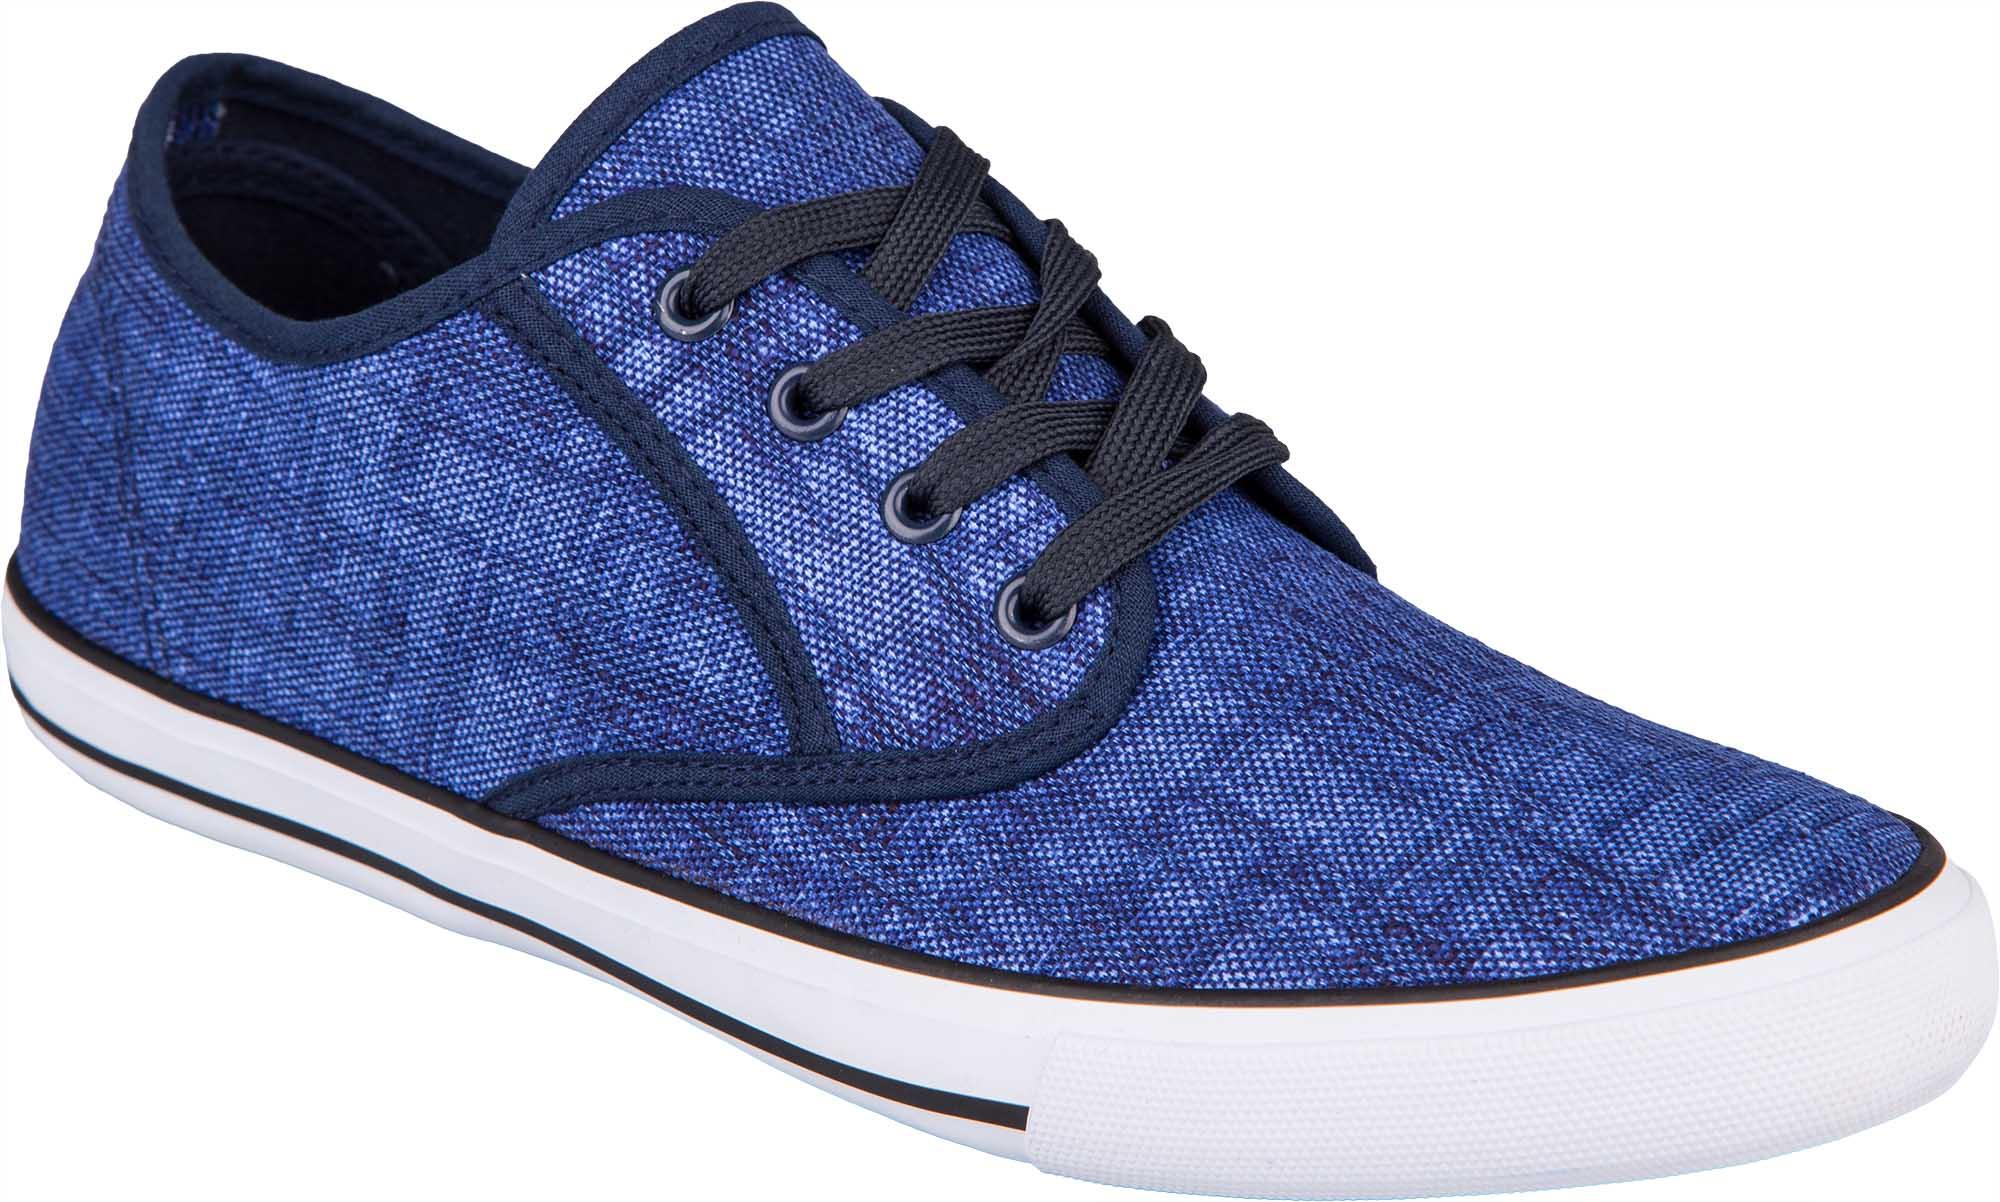 Men's leisure shoes